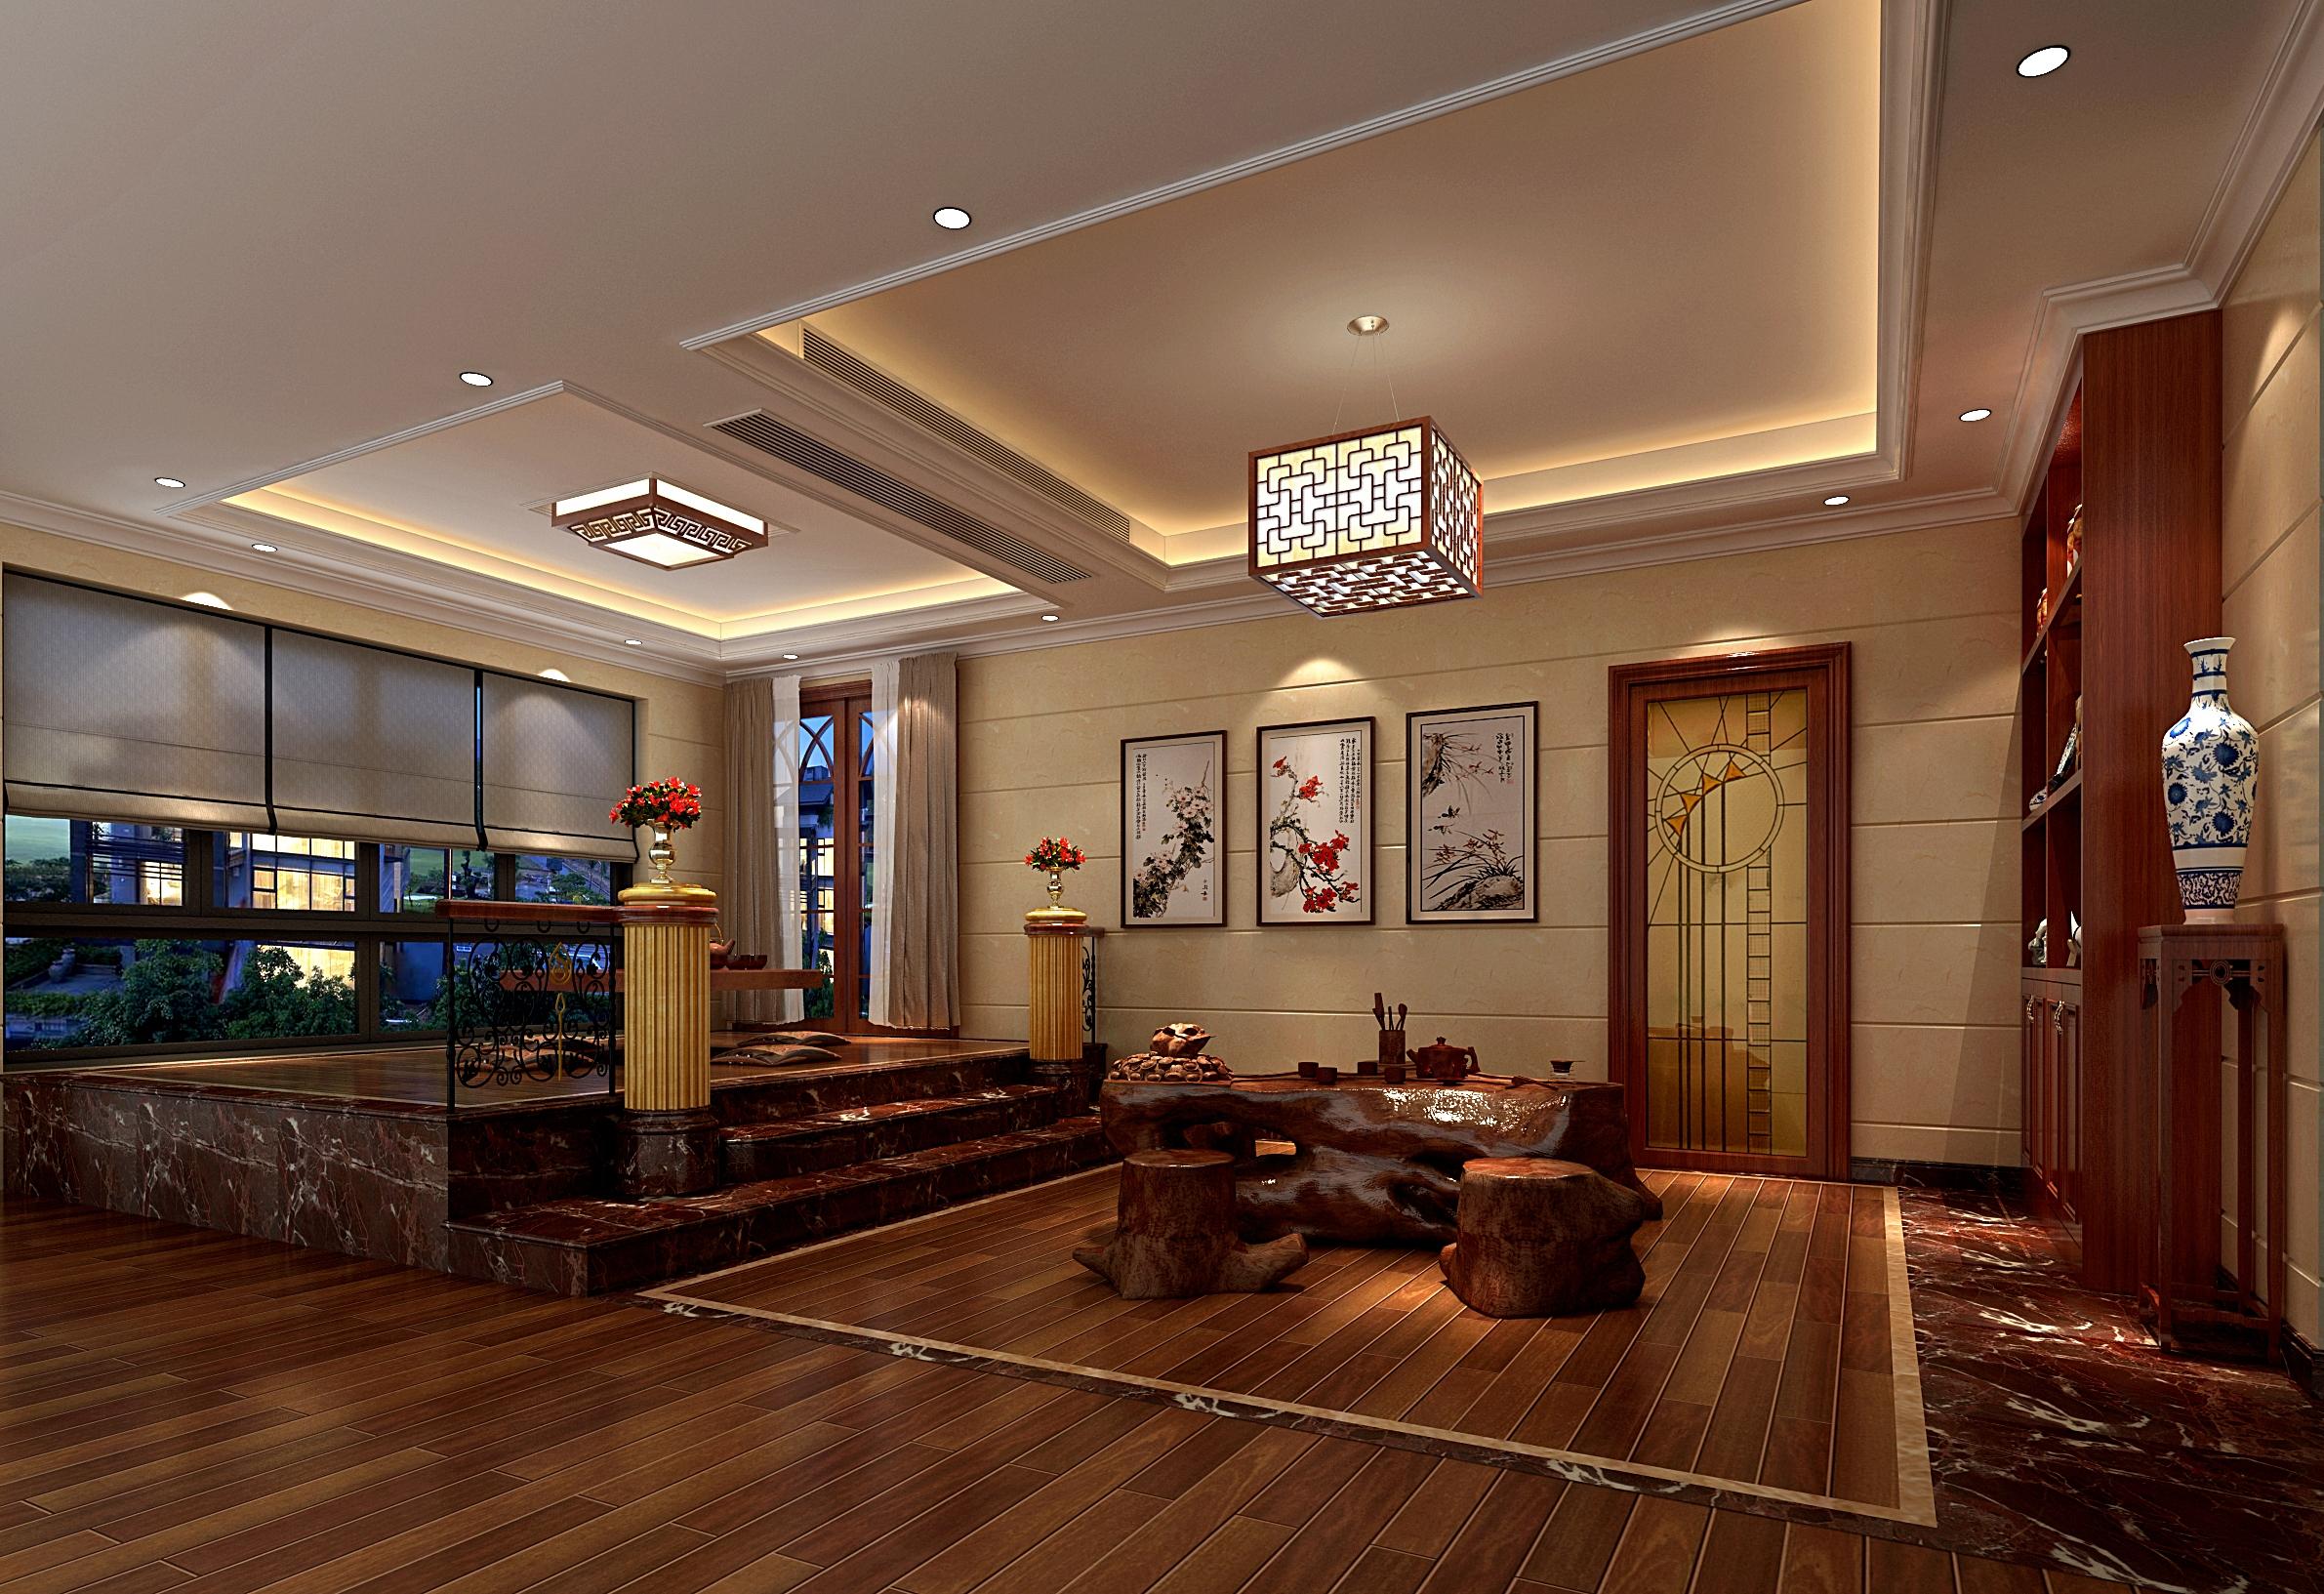 欧式 别墅 典雅 高富帅 三层别墅 其他图片来自名雕装饰设计在别墅旧房改造,彰显典雅品味的分享